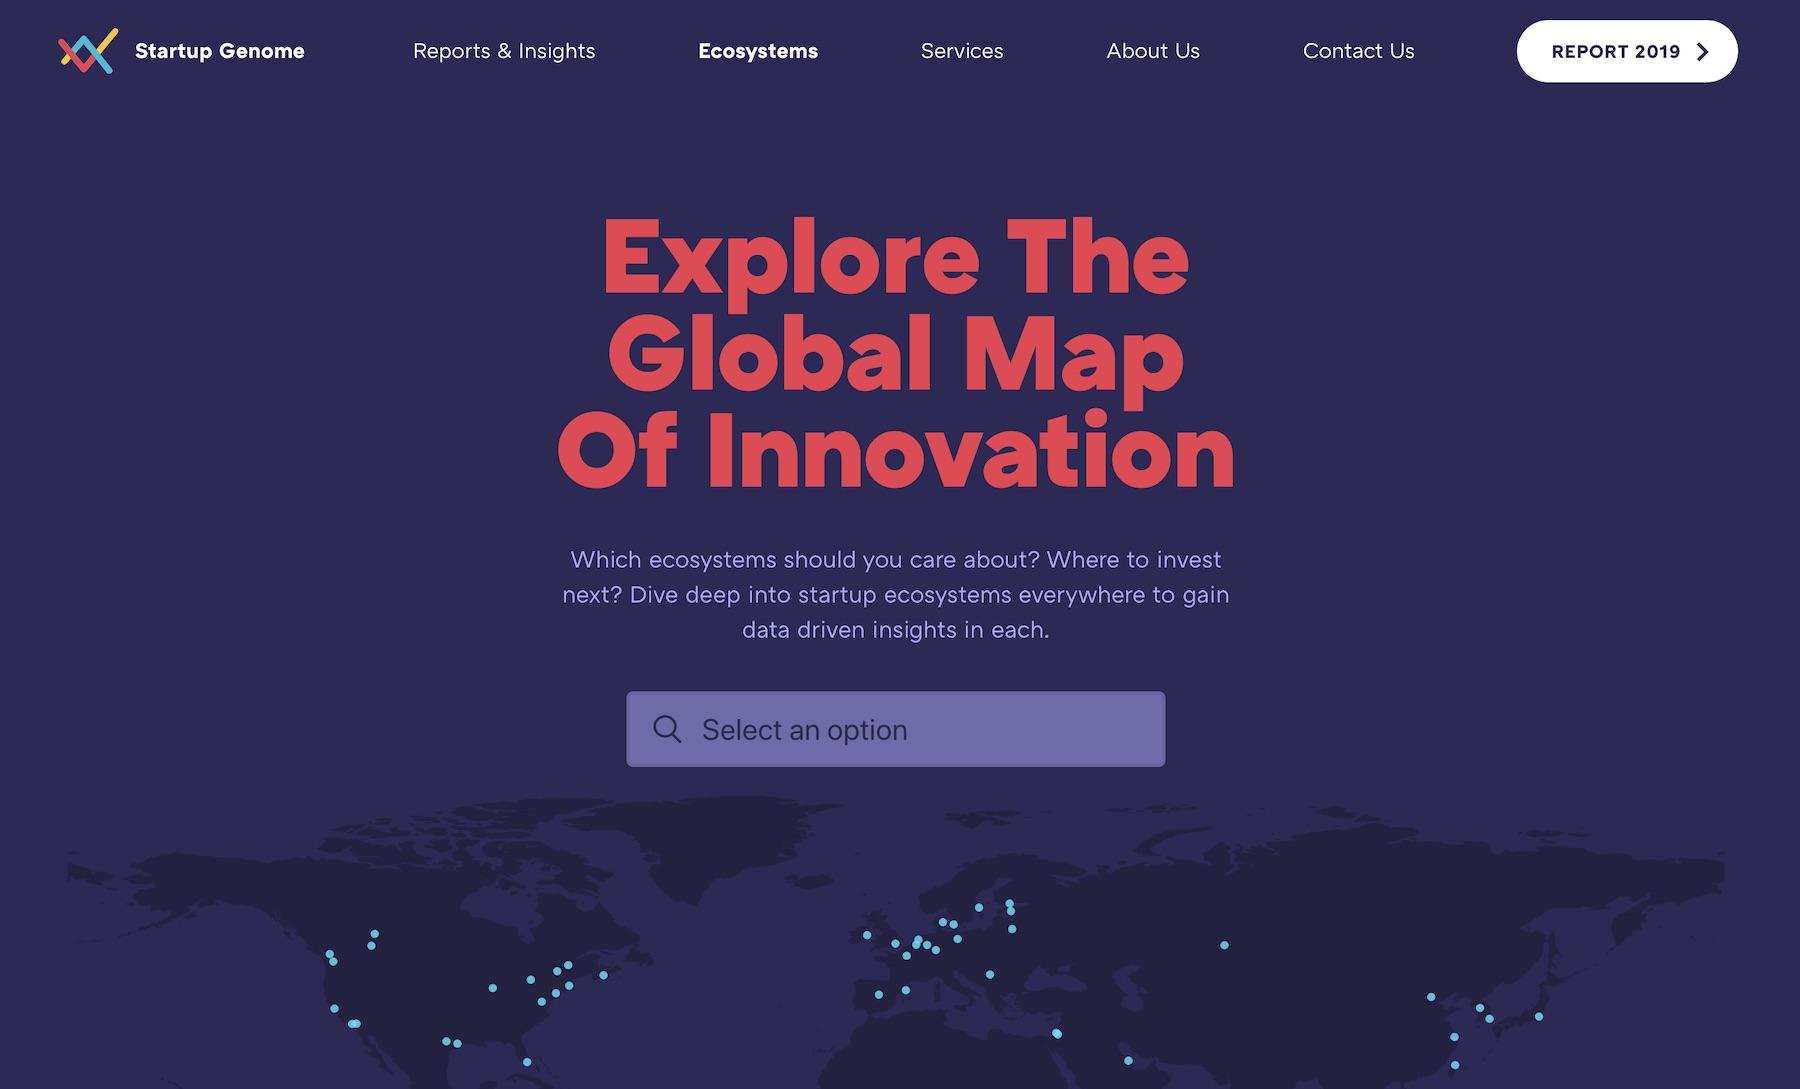 Startup Genome website